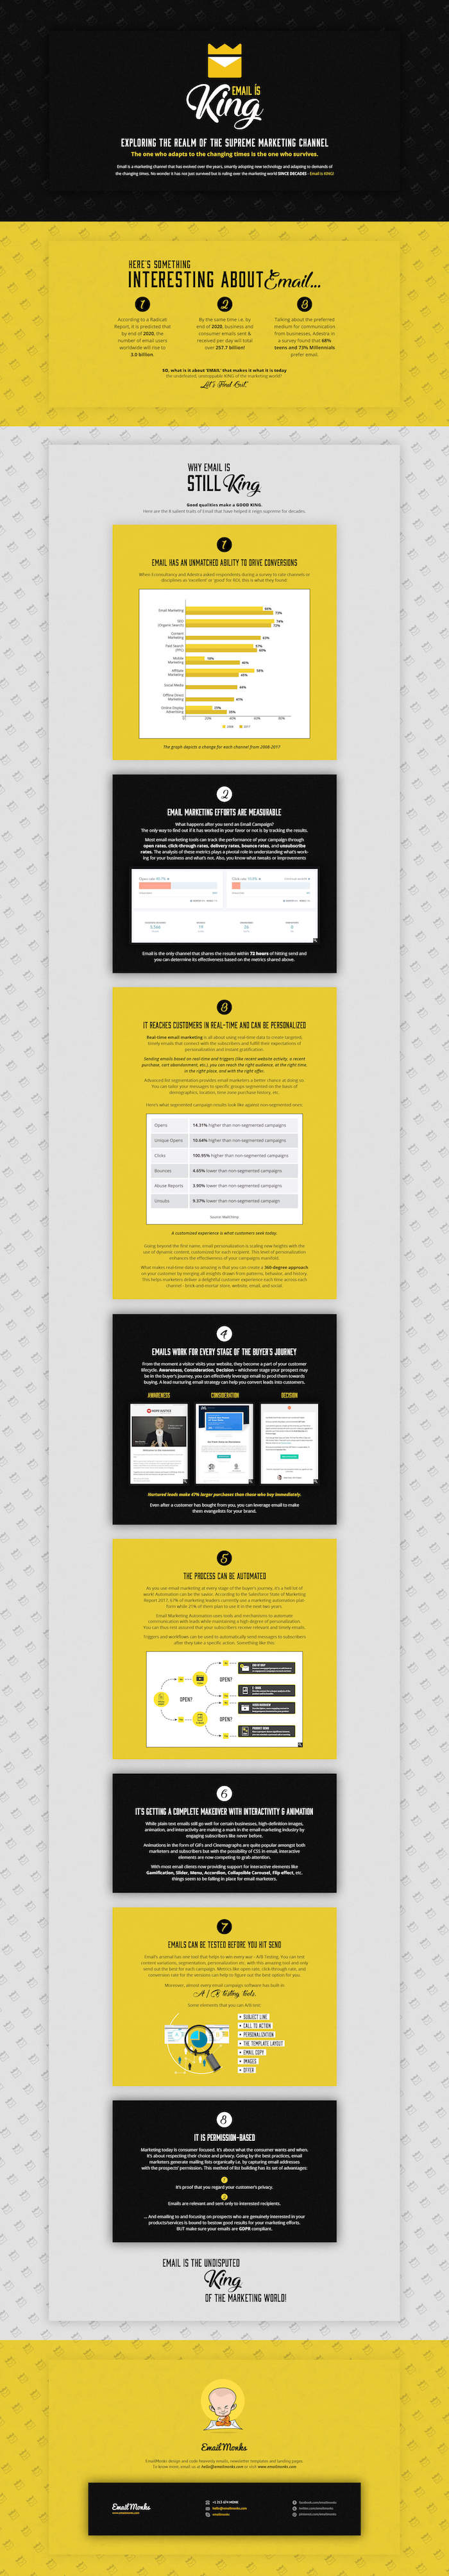 infographie sur le ROI de l'emailing